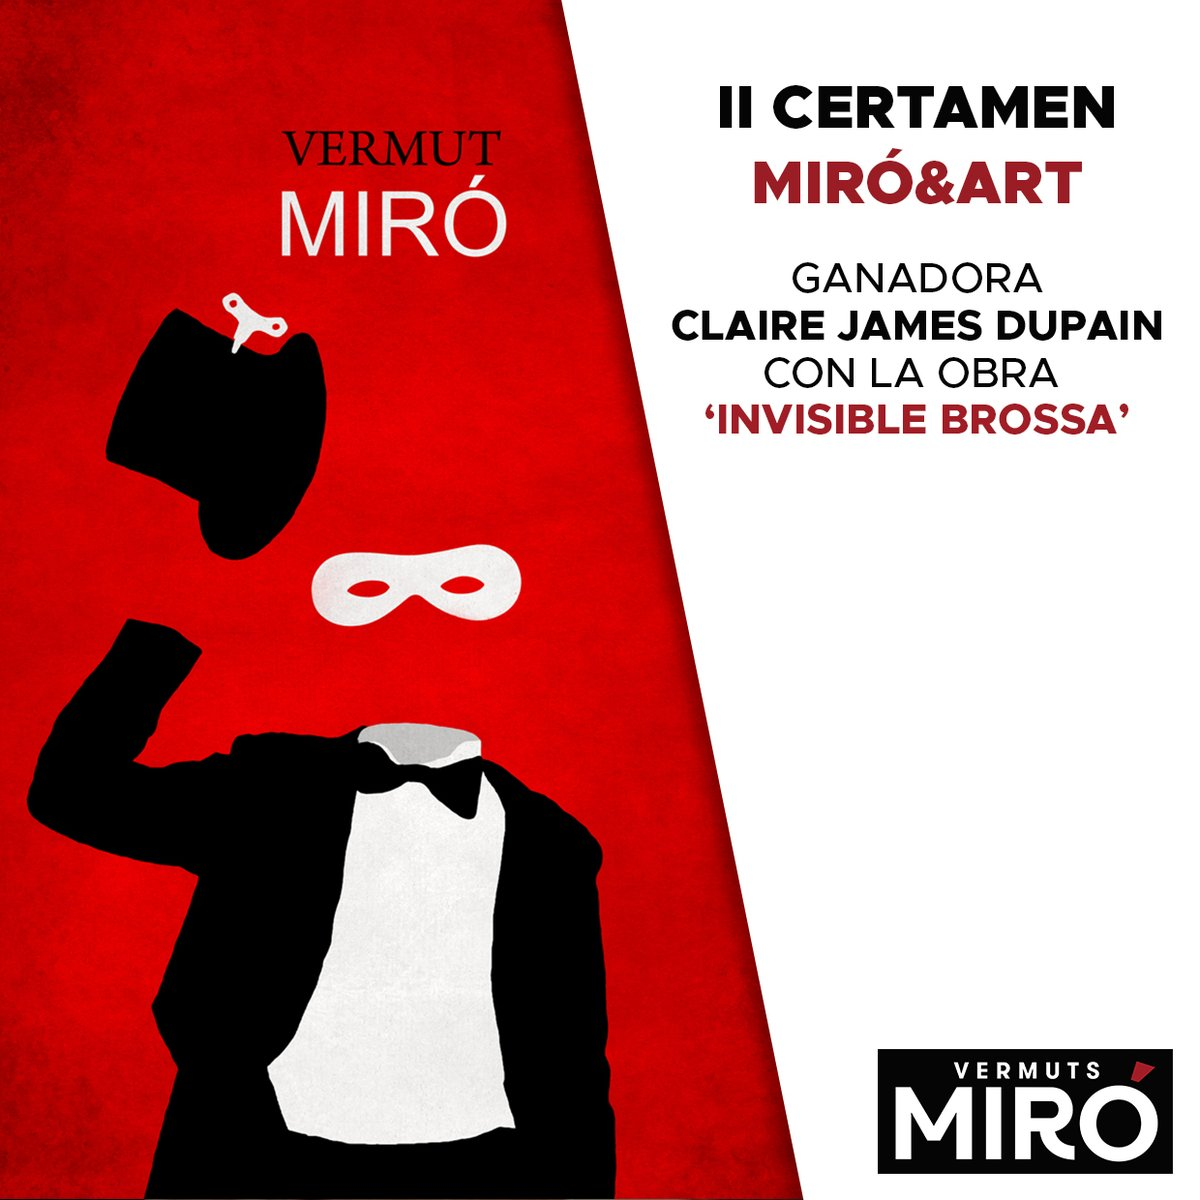 II Certamen d'art Vermuts Miró